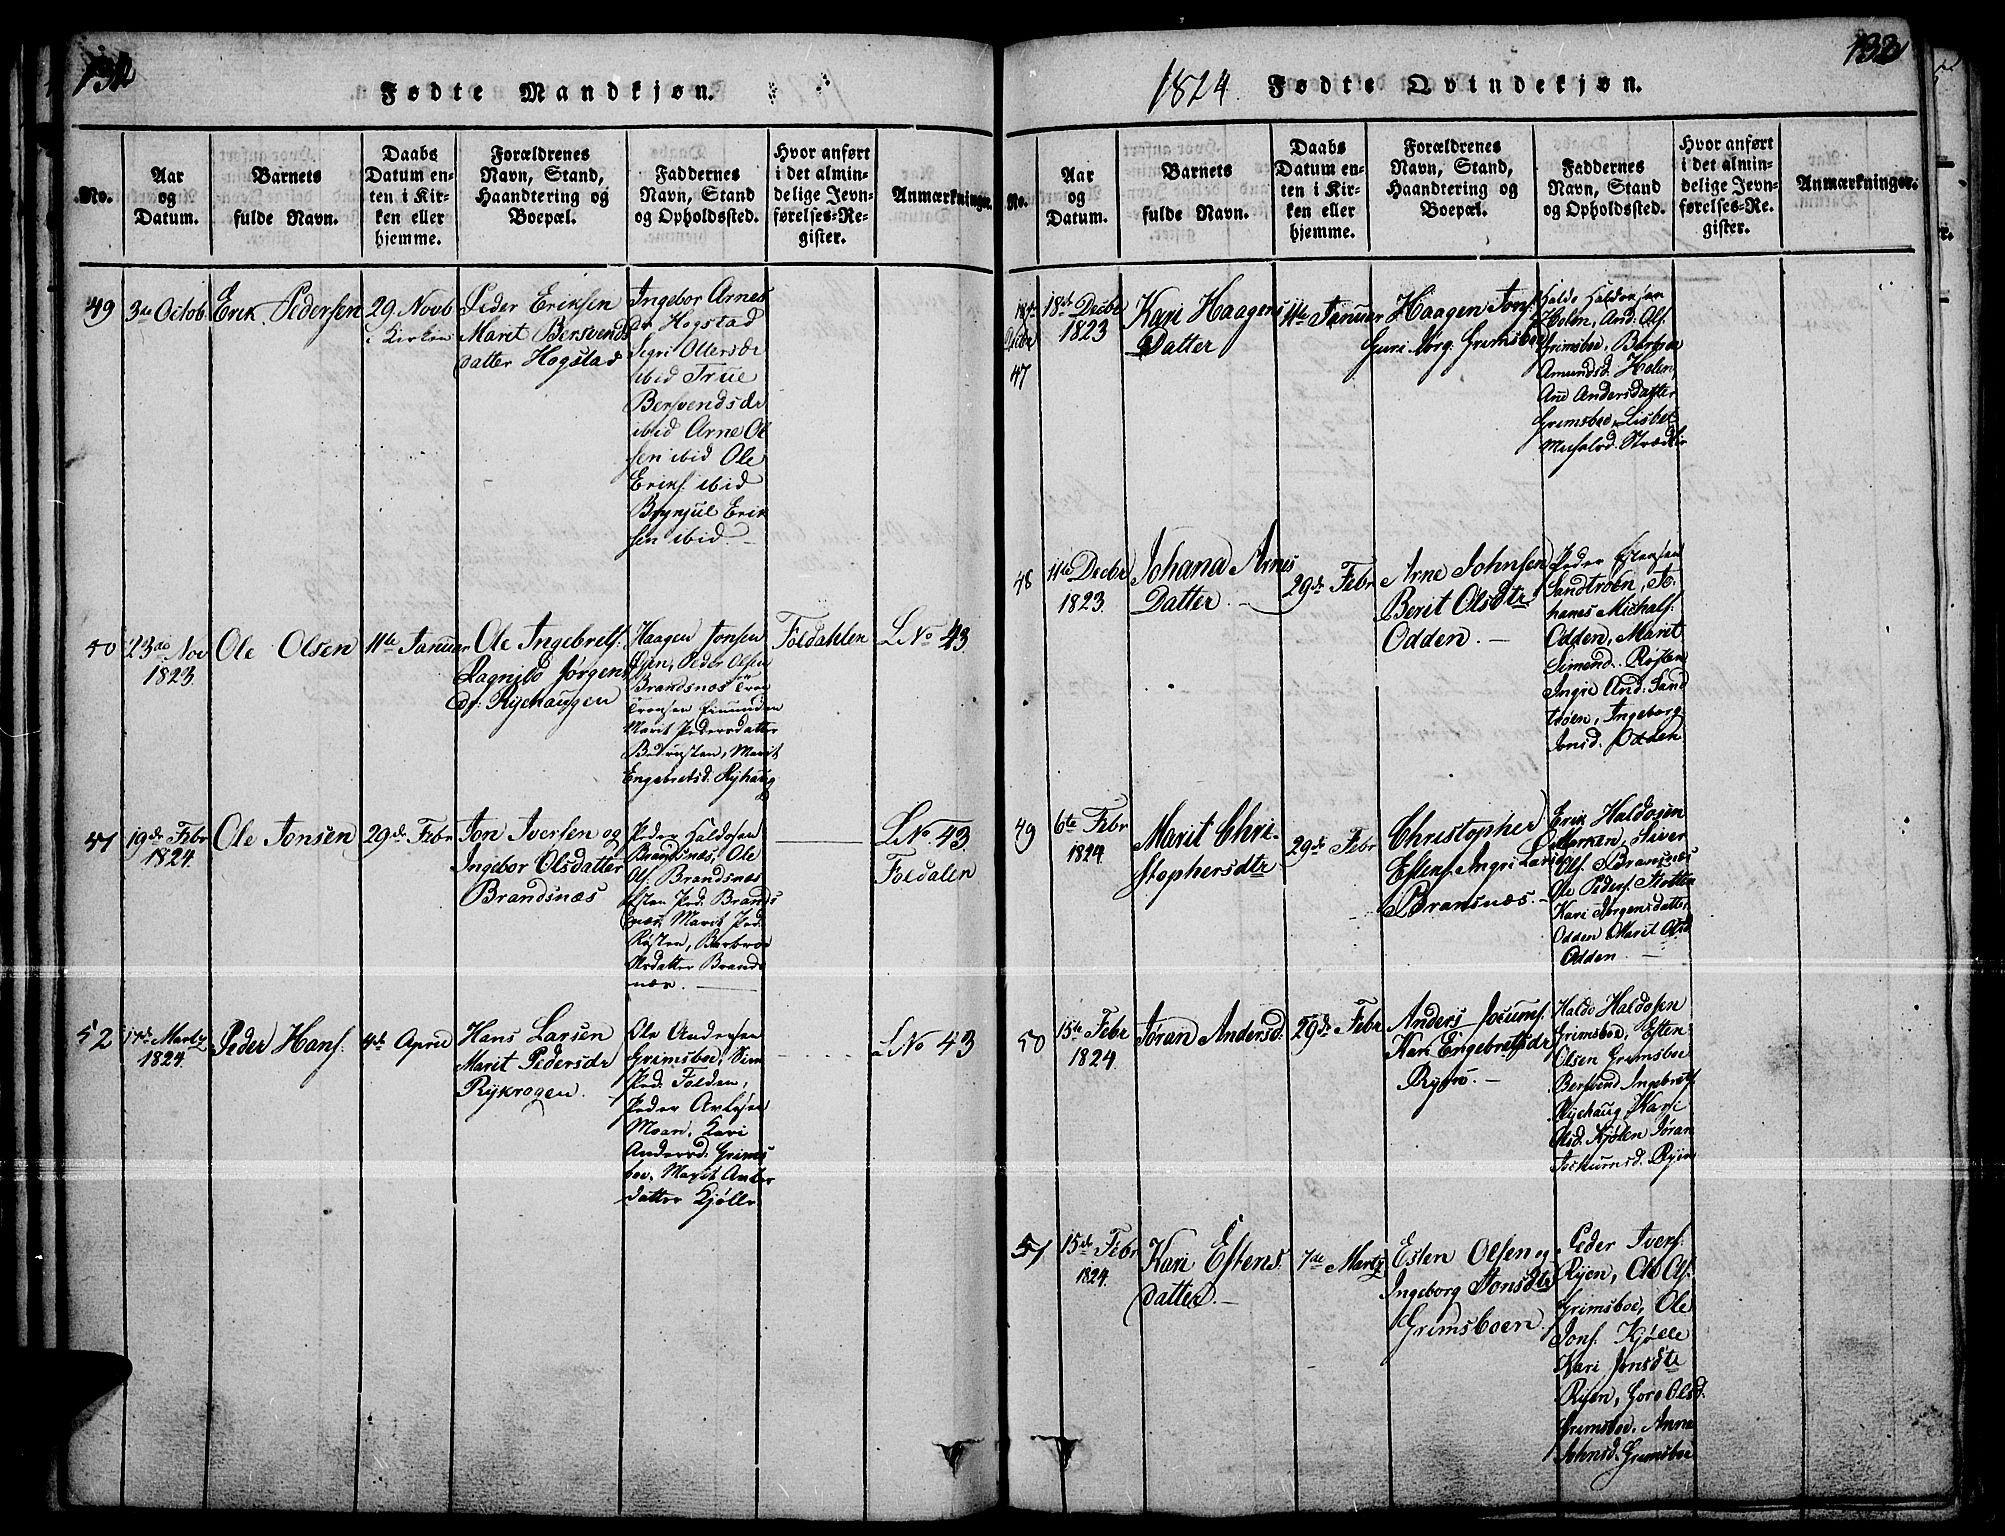 SAH, Tynset prestekontor, Parish register (official) no. 18, 1815-1829, p. 132-133